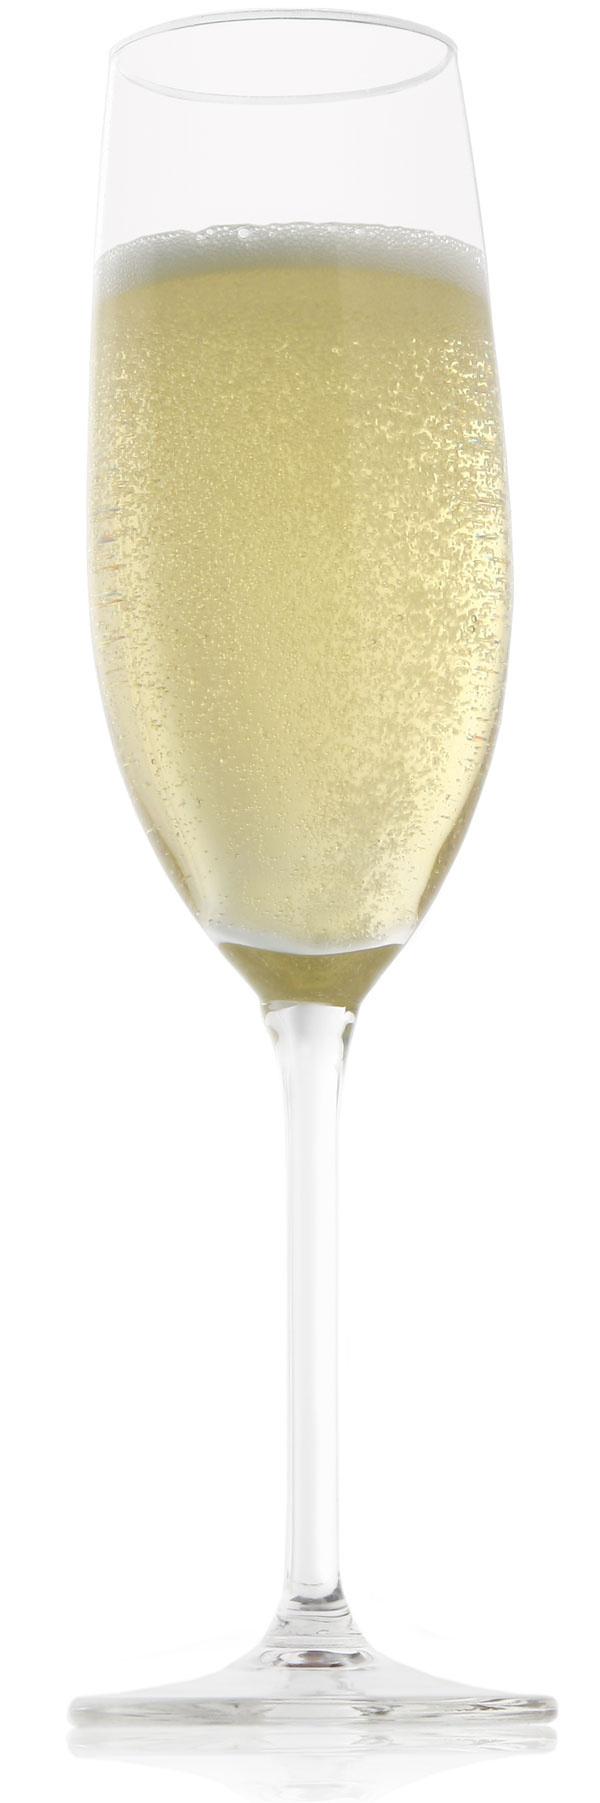 """3. Šumivé víno, prípadne šampanské patrí do vysokého pohára aj z praktických dôvodov. Jemné bublinky dlhšie vydržia a """"uzamknú"""" chuť na dlhší čas. Navyše, vyzerá zo všetkých najelegantnejšie. Pohár na šumivé víno IIC, set 2 ks, cena od 10,00 €"""